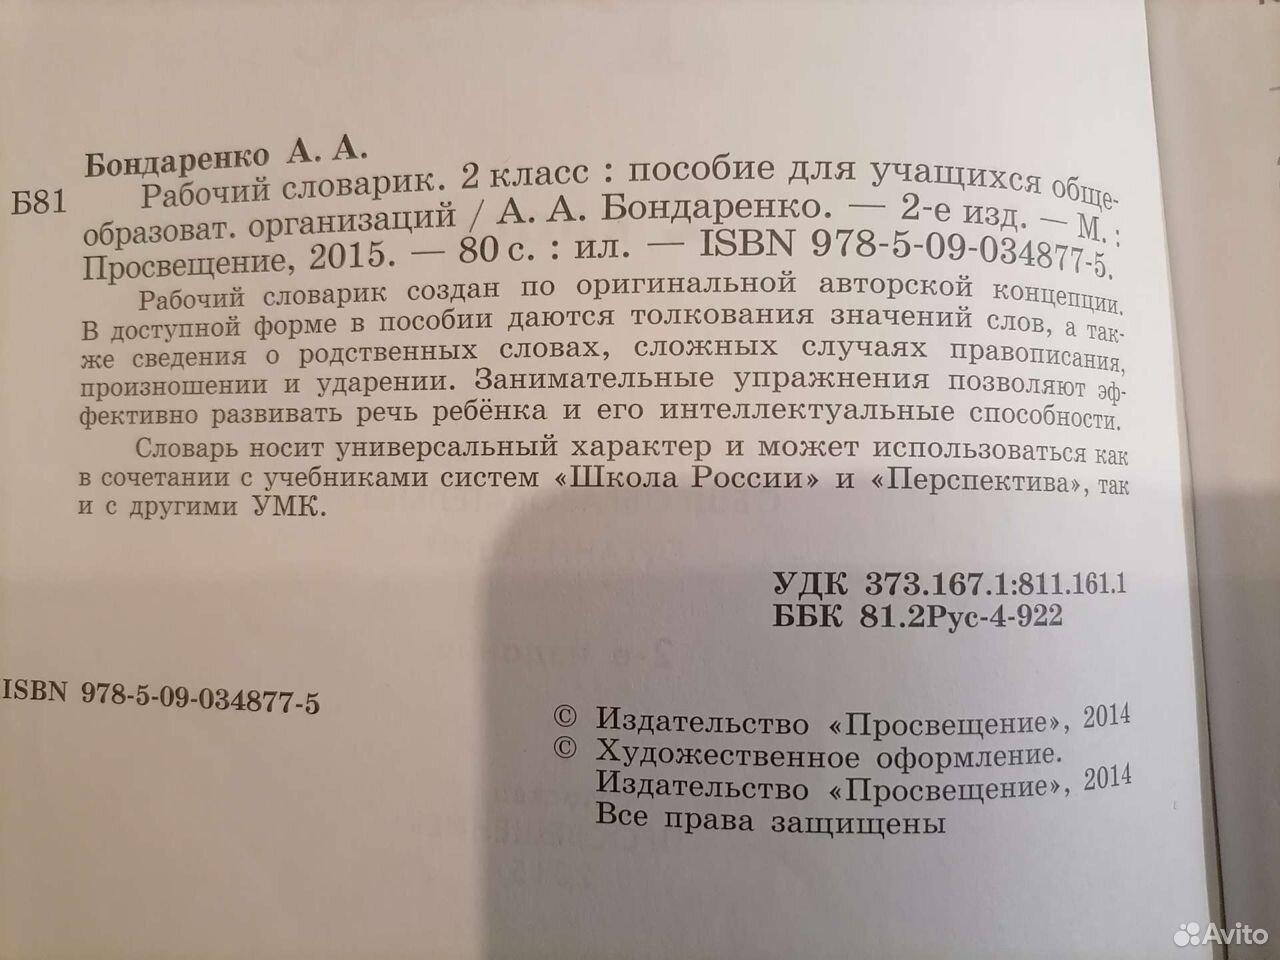 Рабочий словарик 2 класс  89102284119 купить 4